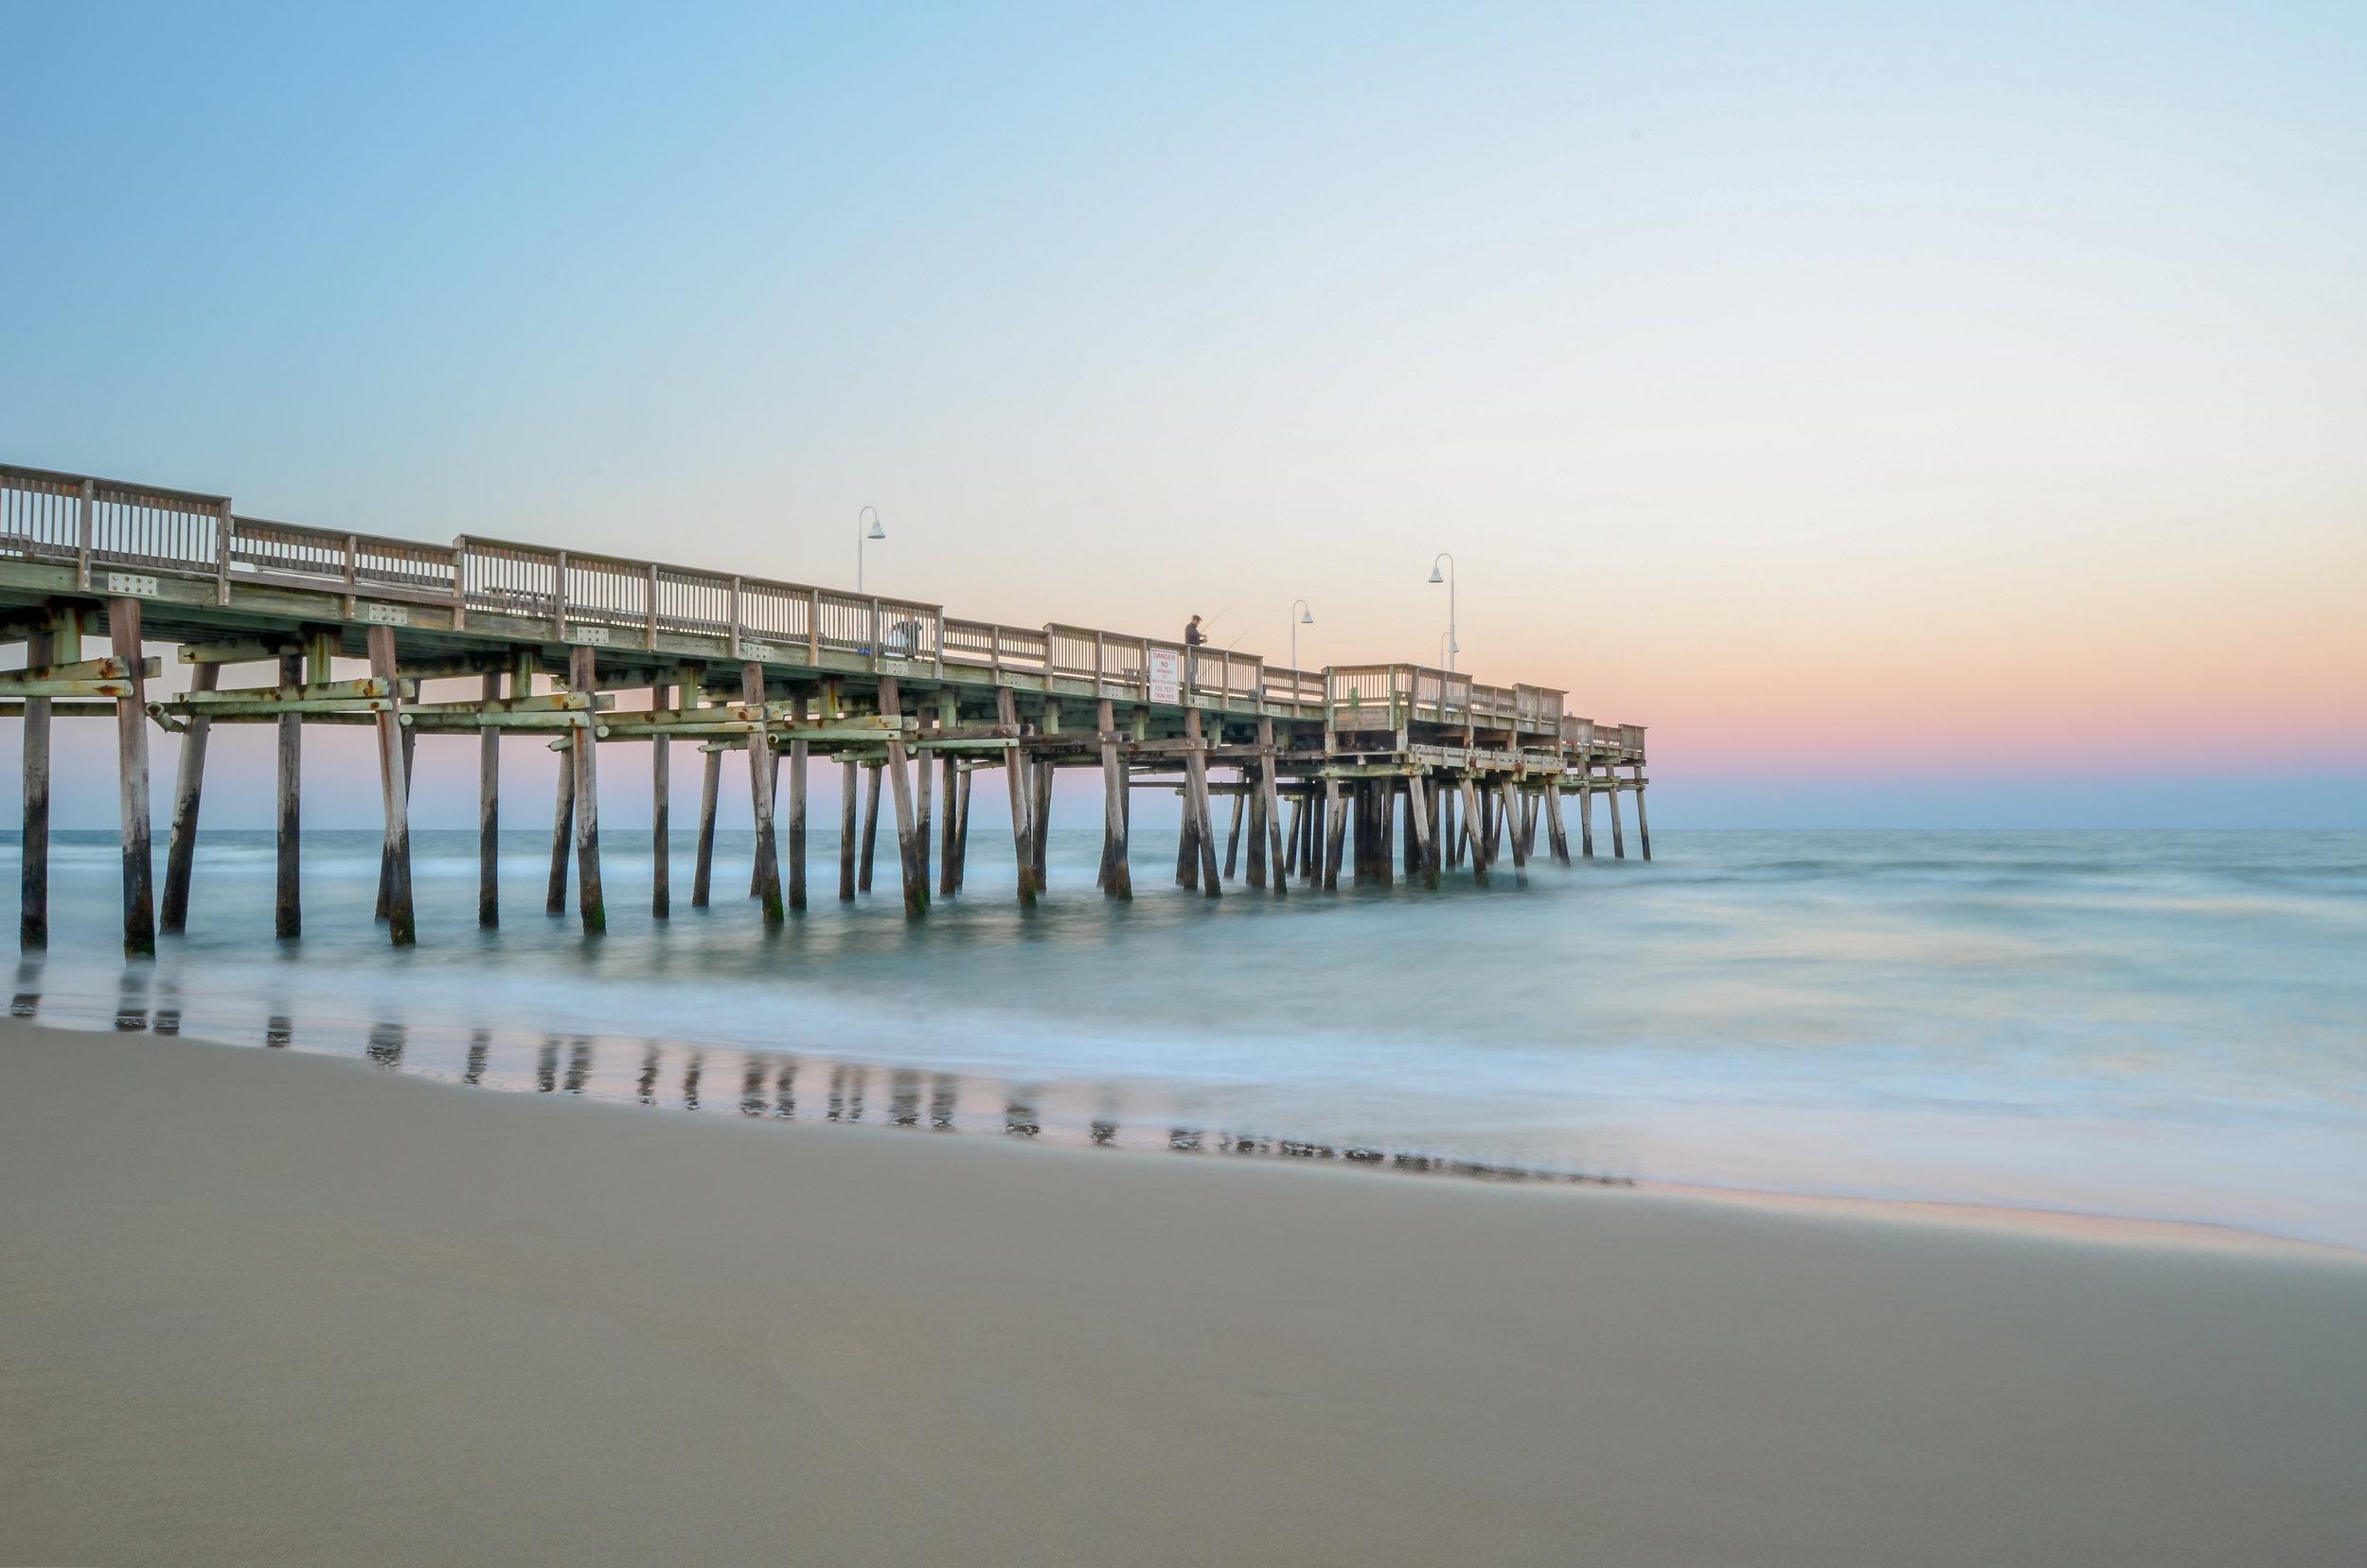 Sandbridge Pier-dusk-Sandbridge-Virginia Beach-Virginia.jpg